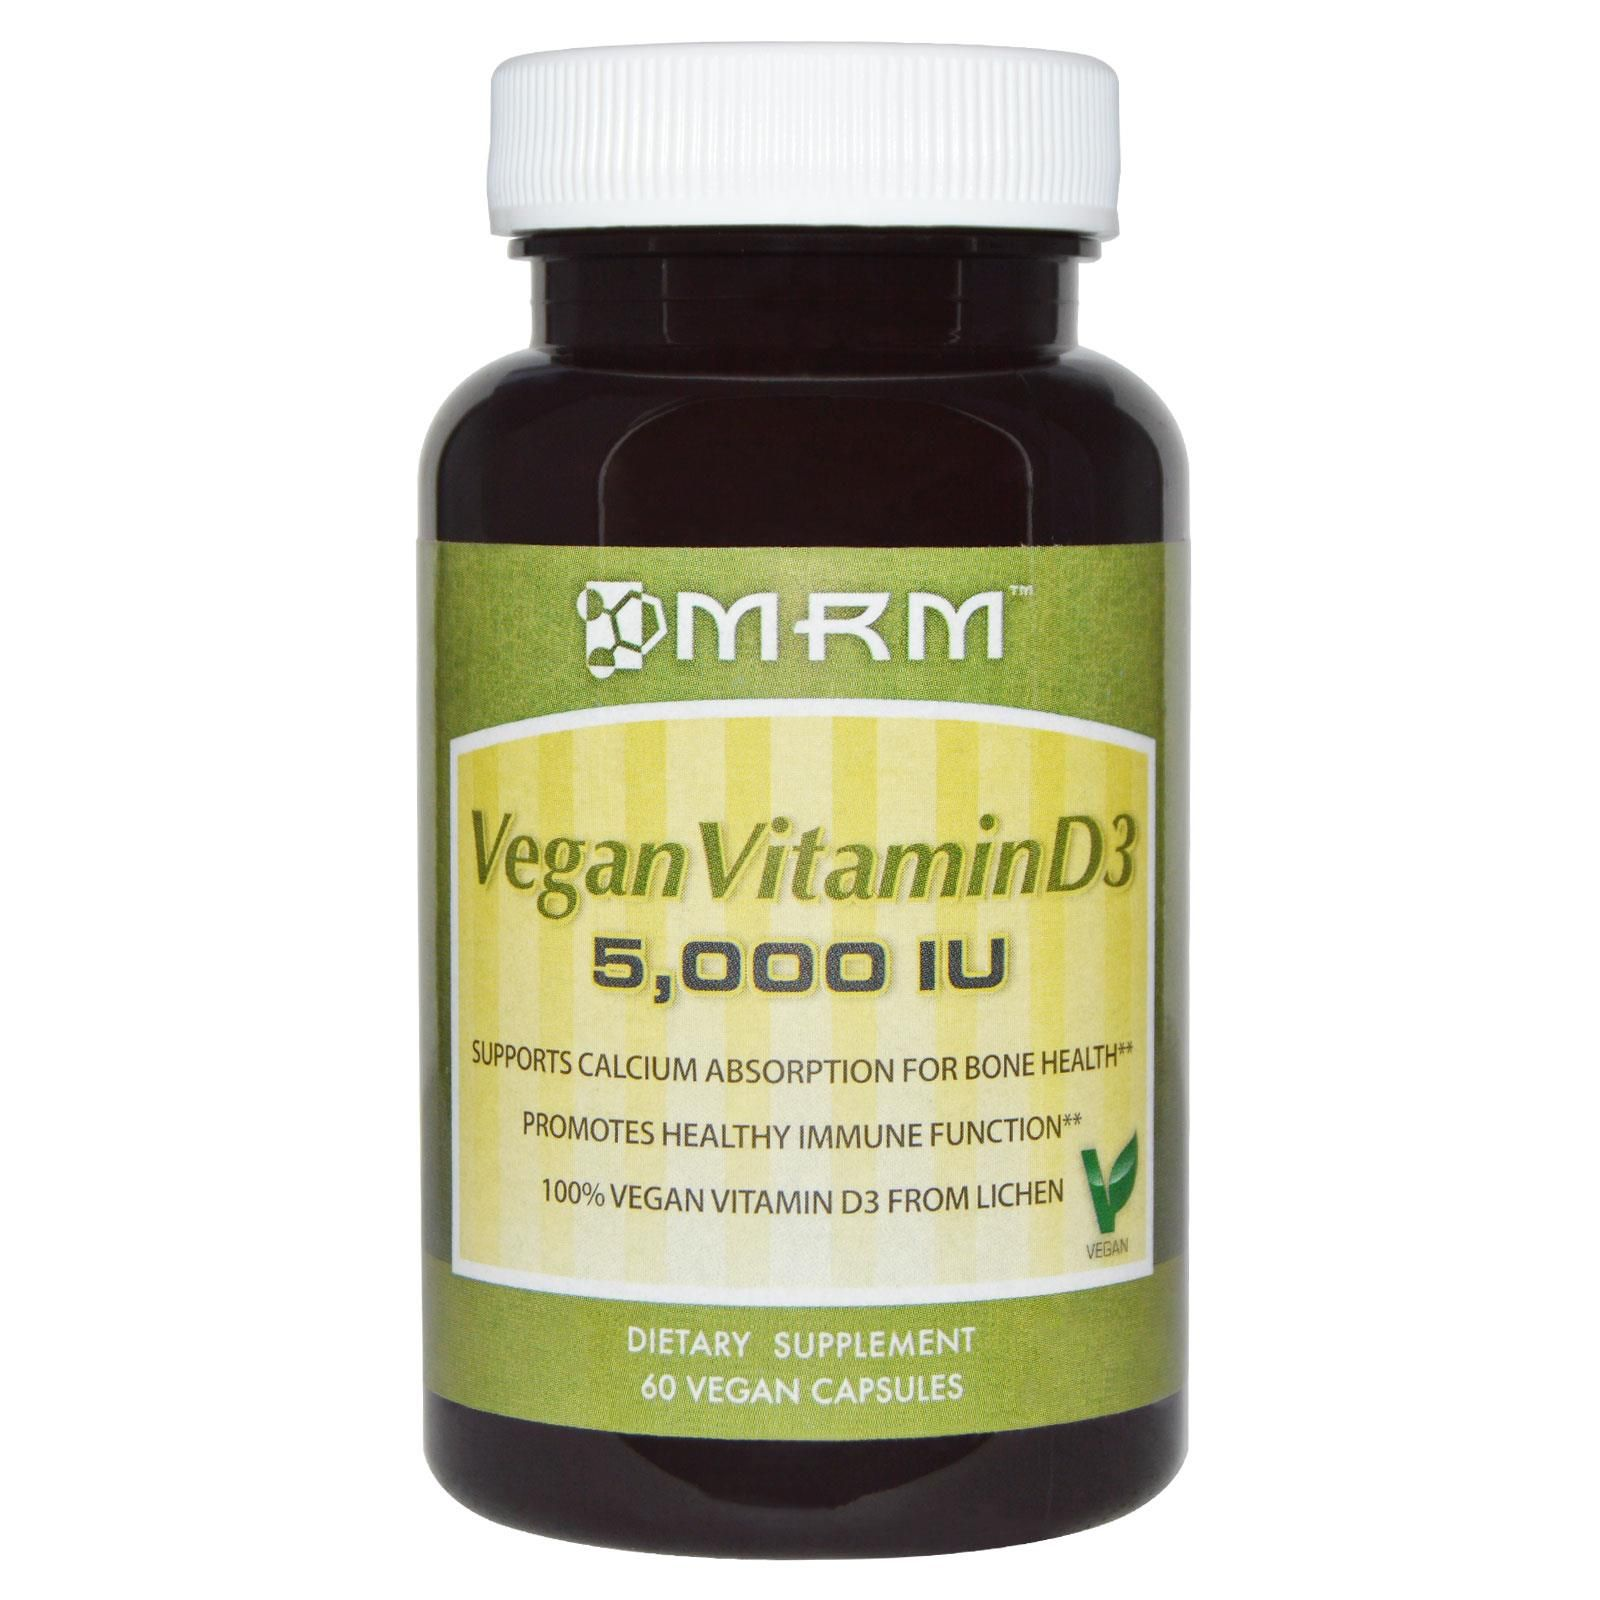 Mrm Vegan Vitamin D3 5 000 Iu 60 Vegan Capsules Vegan Vitamins Vitamins Vitamin D3